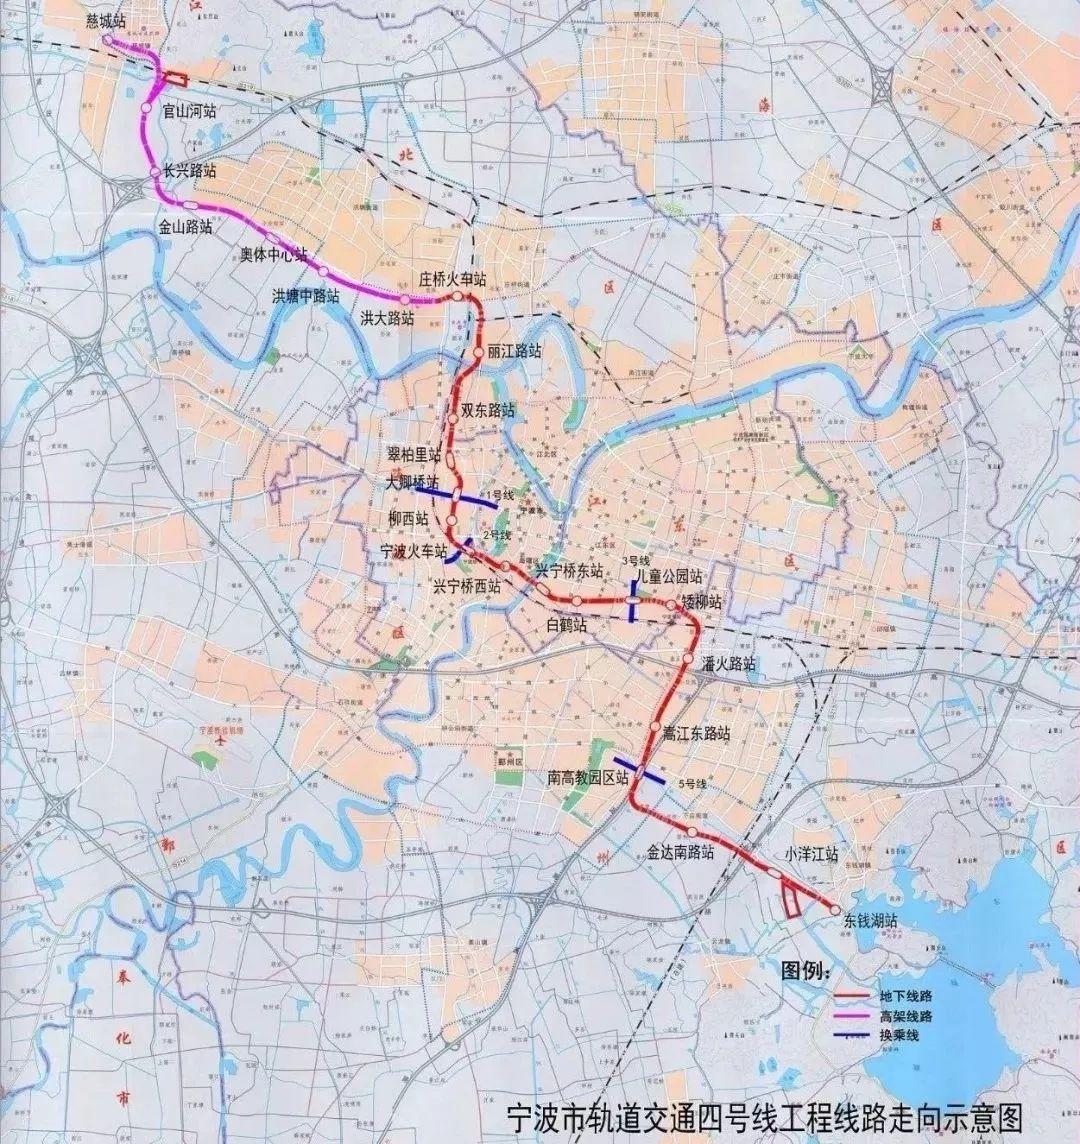 宁波地铁线路图规划图